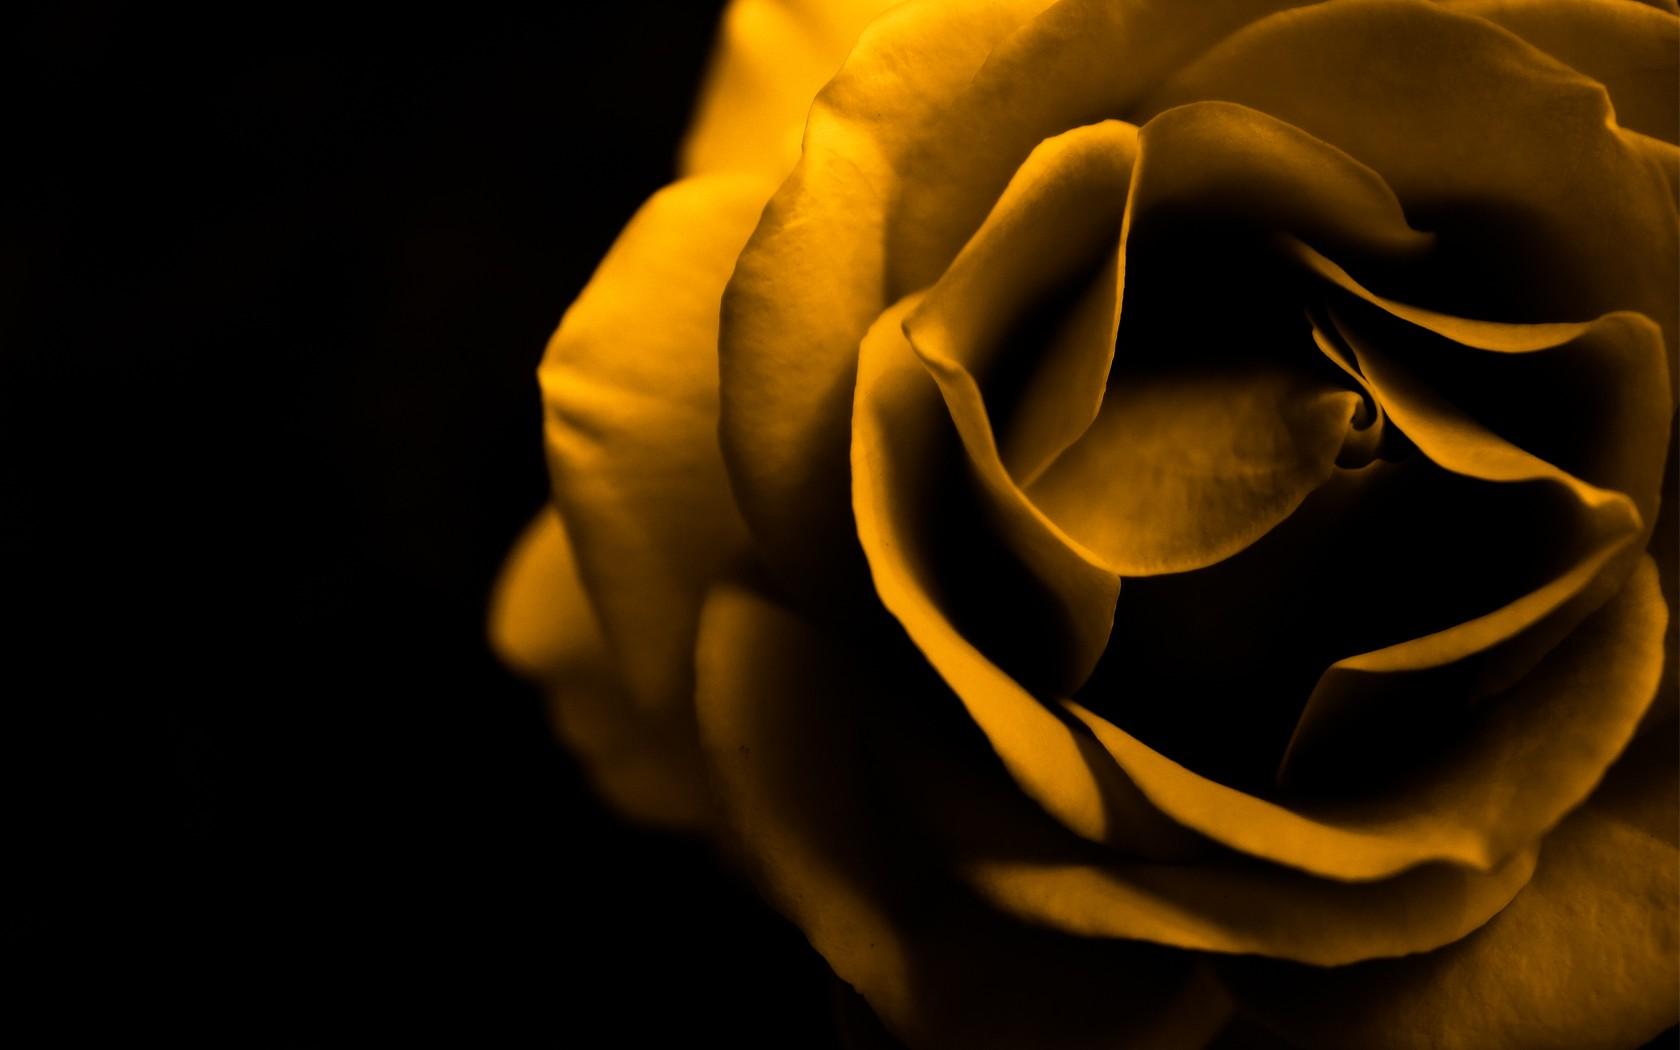 Обои на телефон коричневые розы